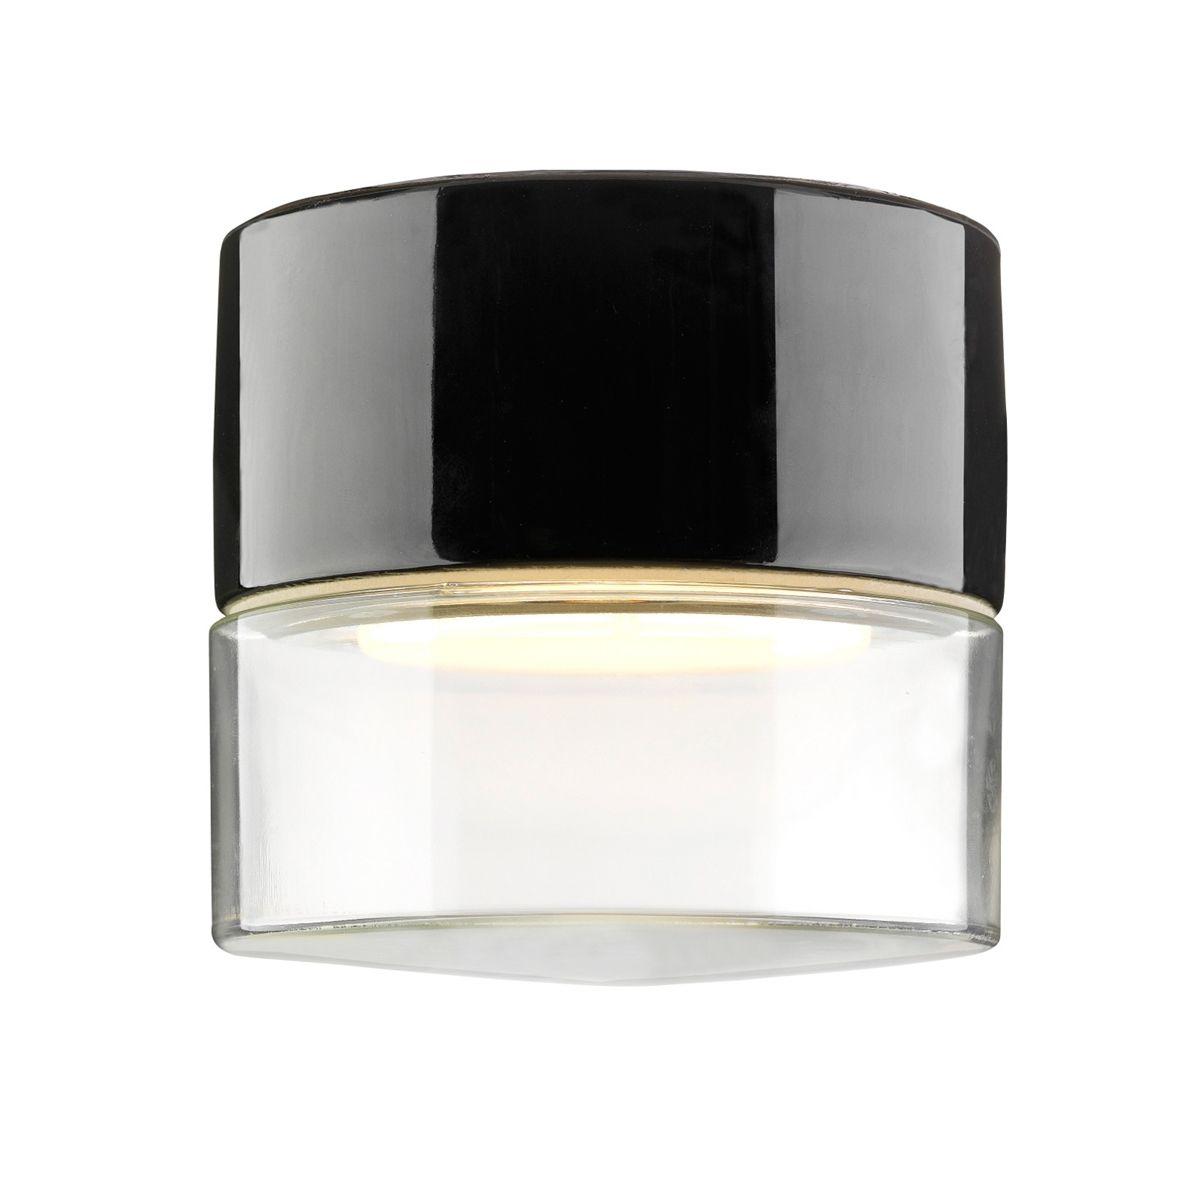 Support en céramique noir avec verre transparent